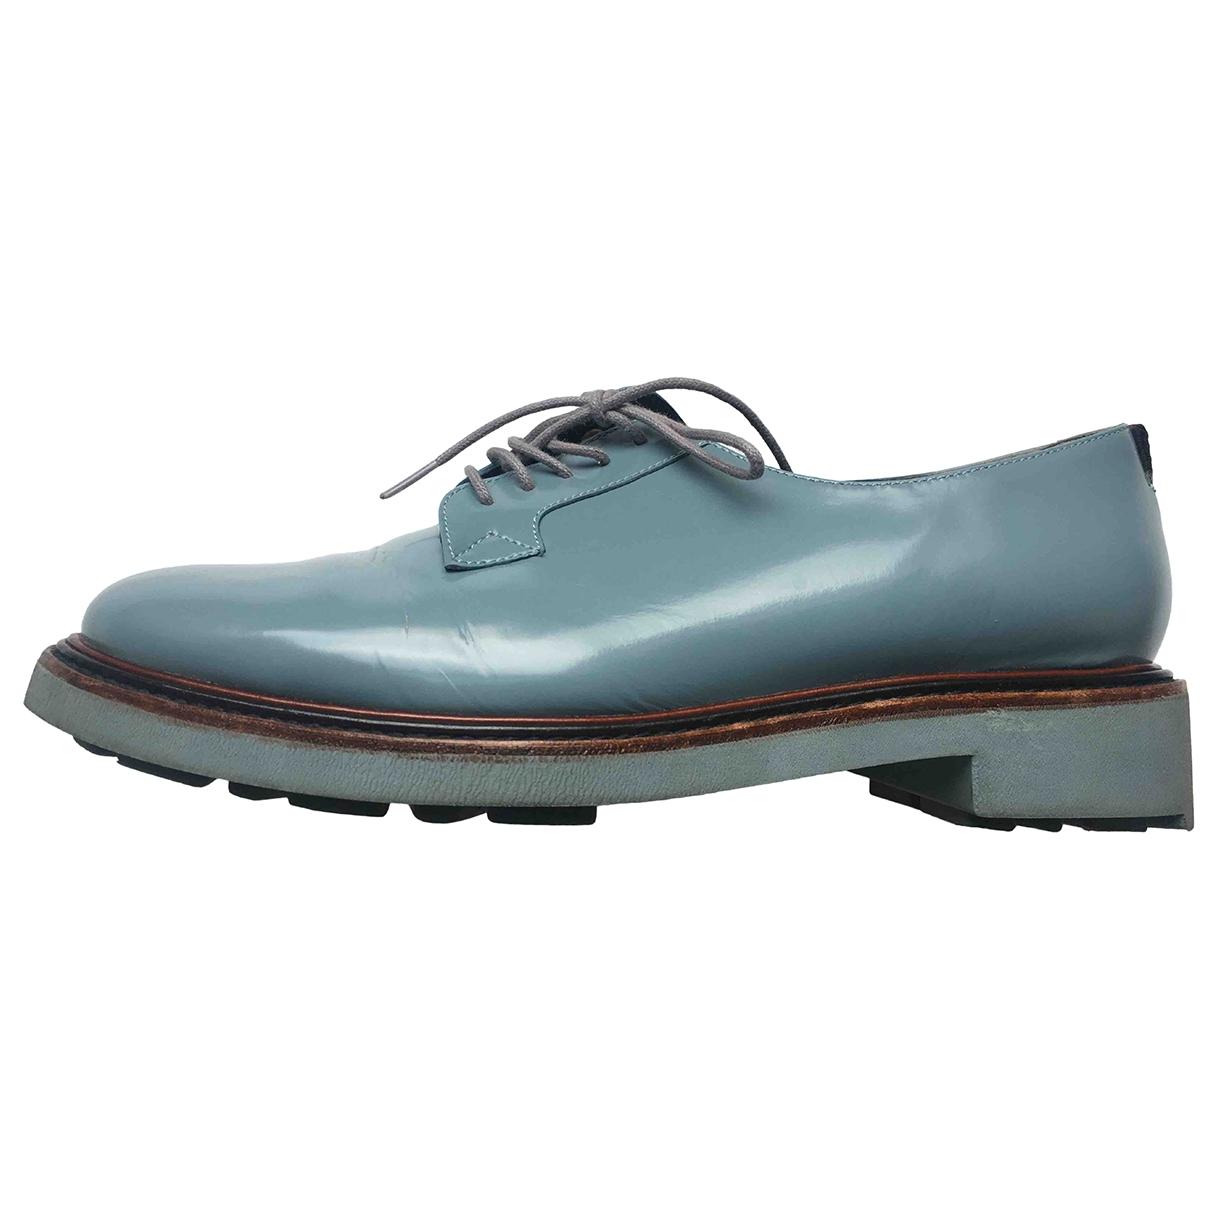 Robert Clergerie - Derbies   pour femme en cuir verni - bleu